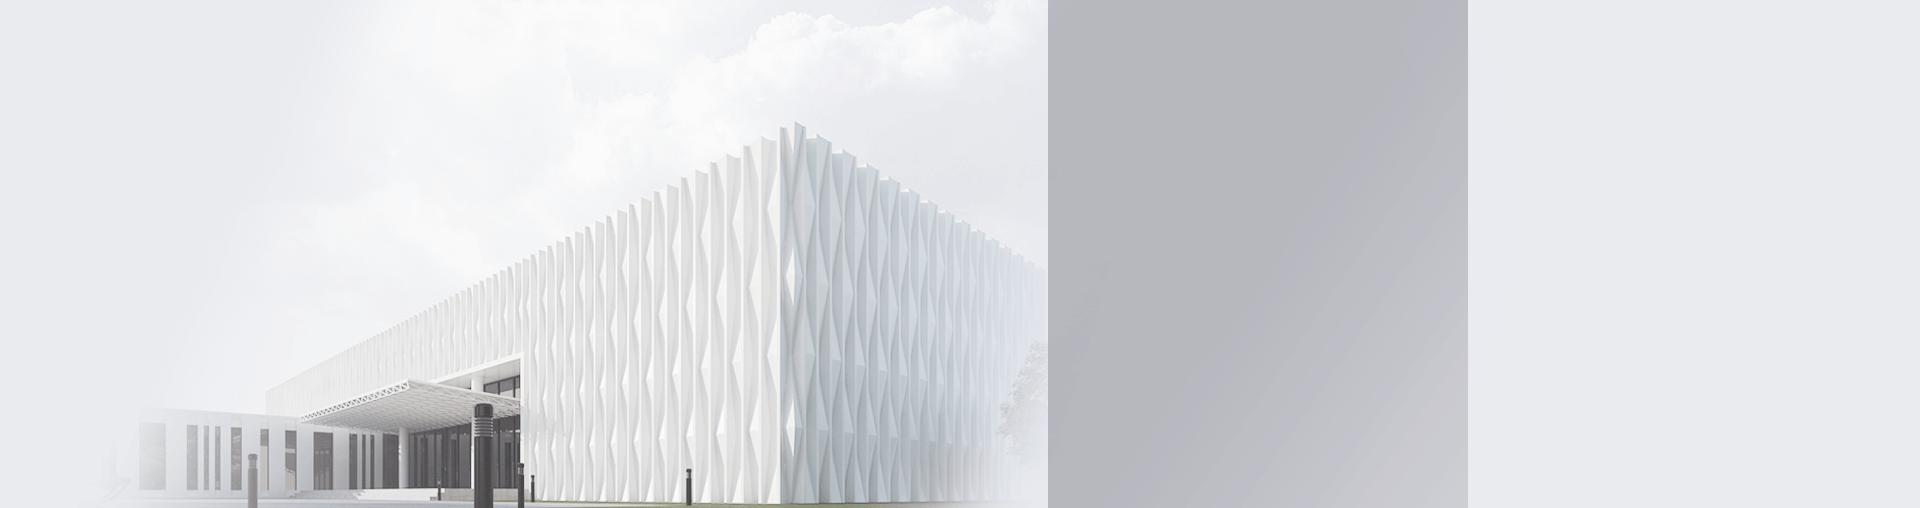 建筑效果图Vray渲染基础